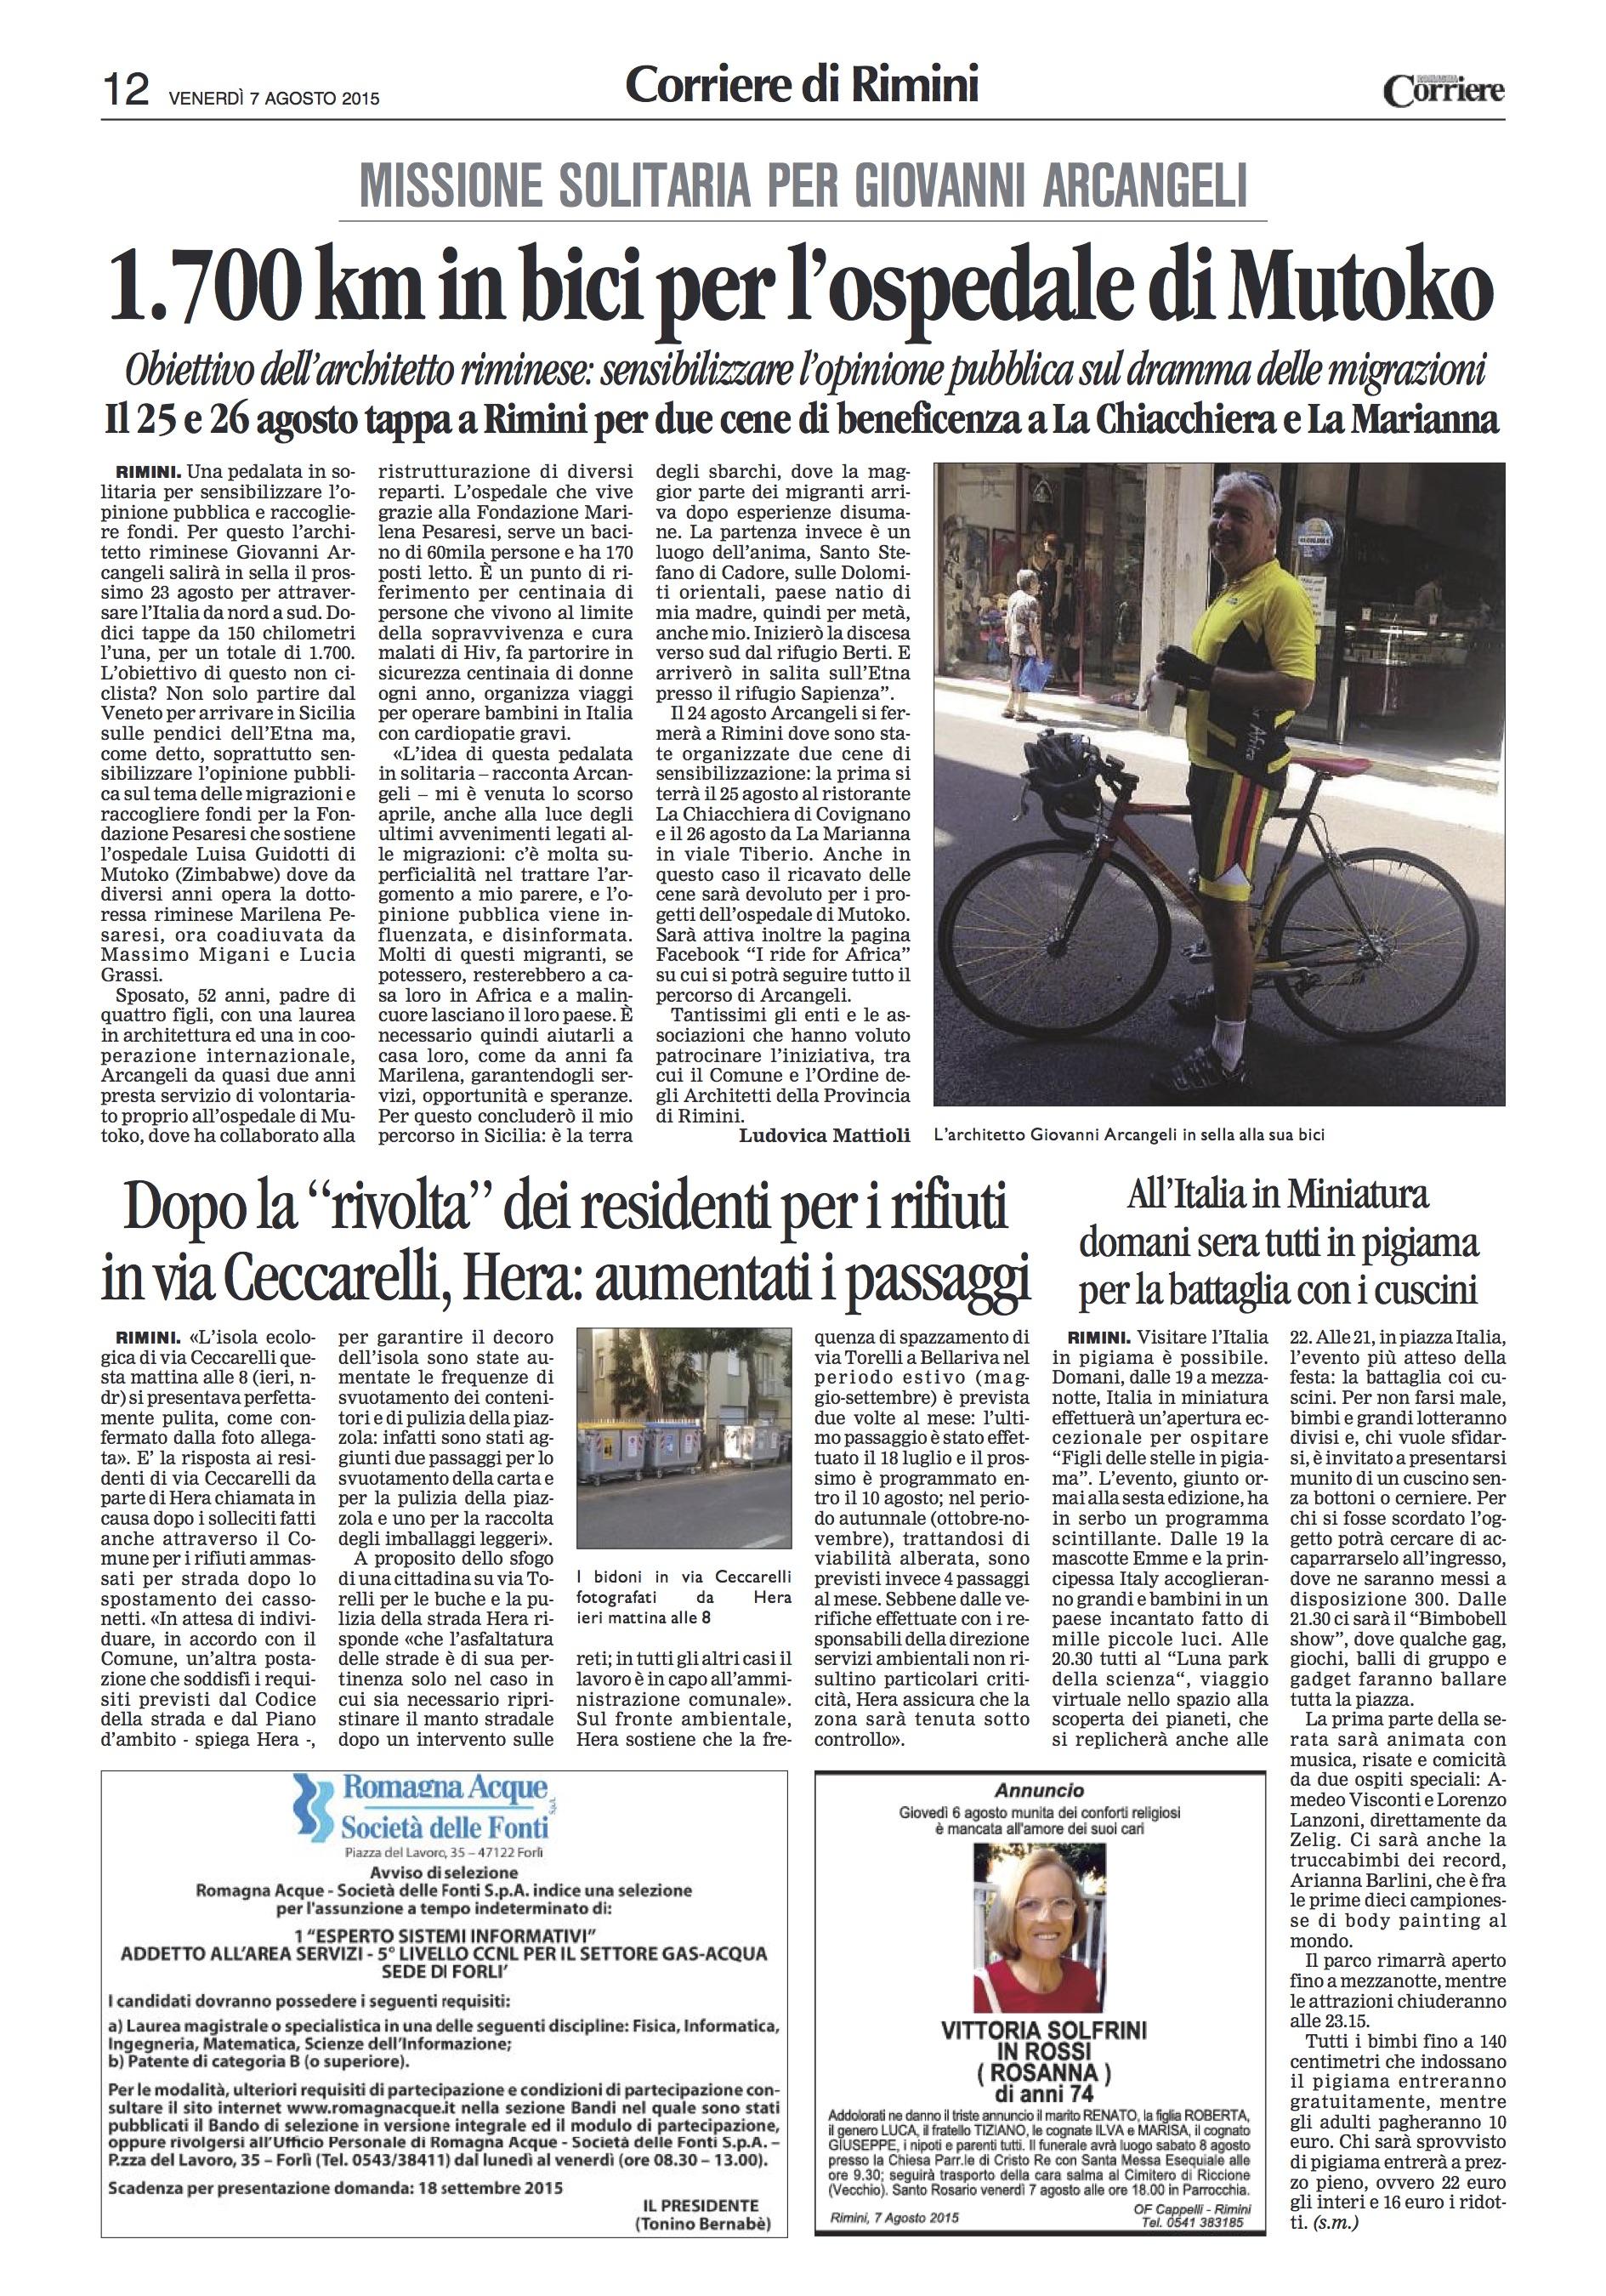 Iride4Africa-Corriere-20150807